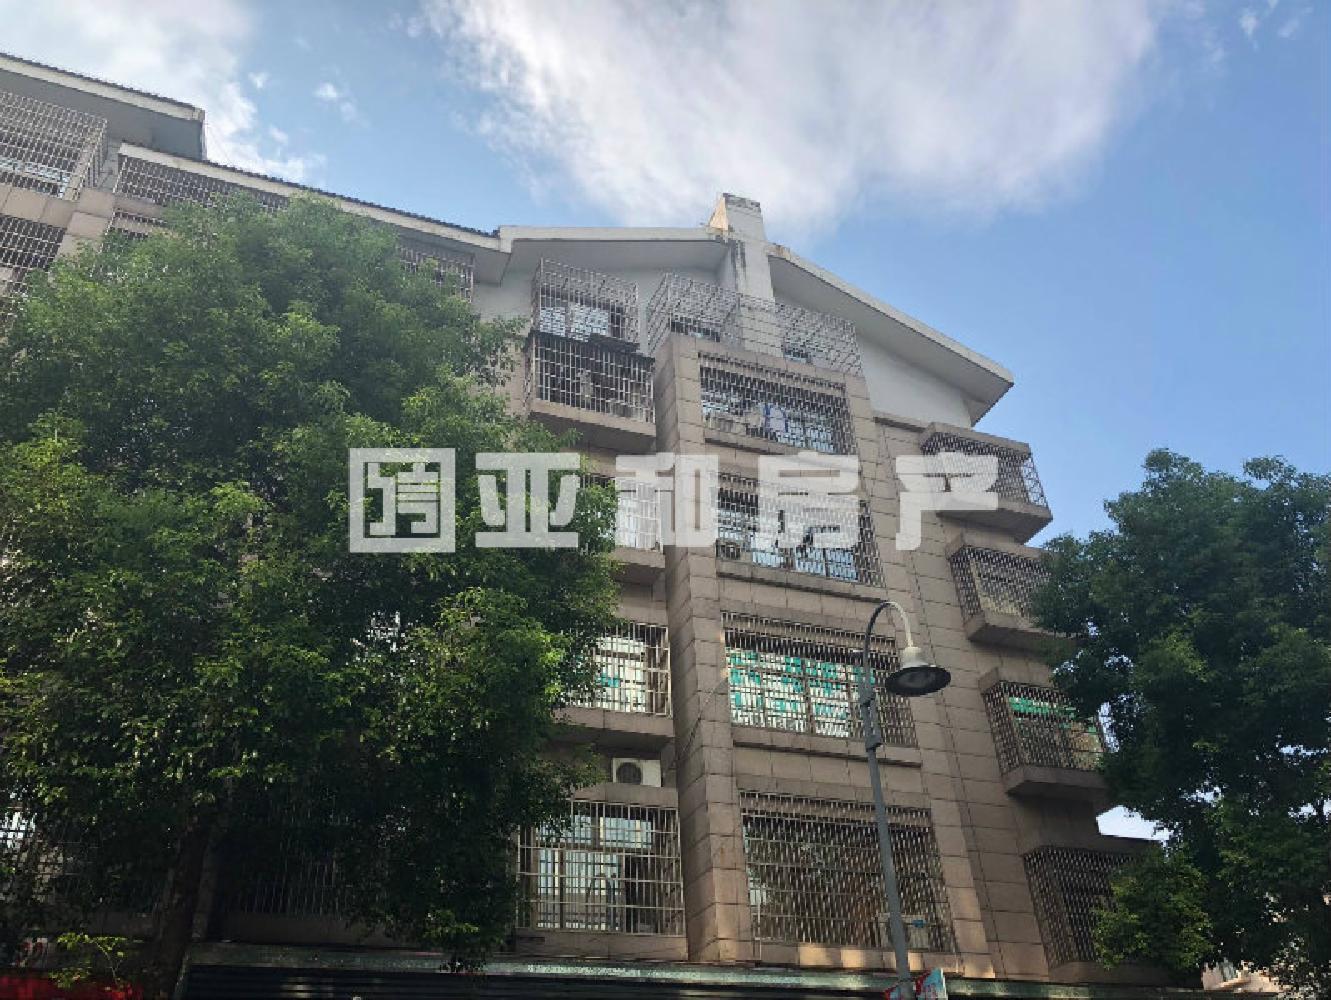 房东诚售福田一区20年回 本垂直房 真实房源沿大街位置已出让